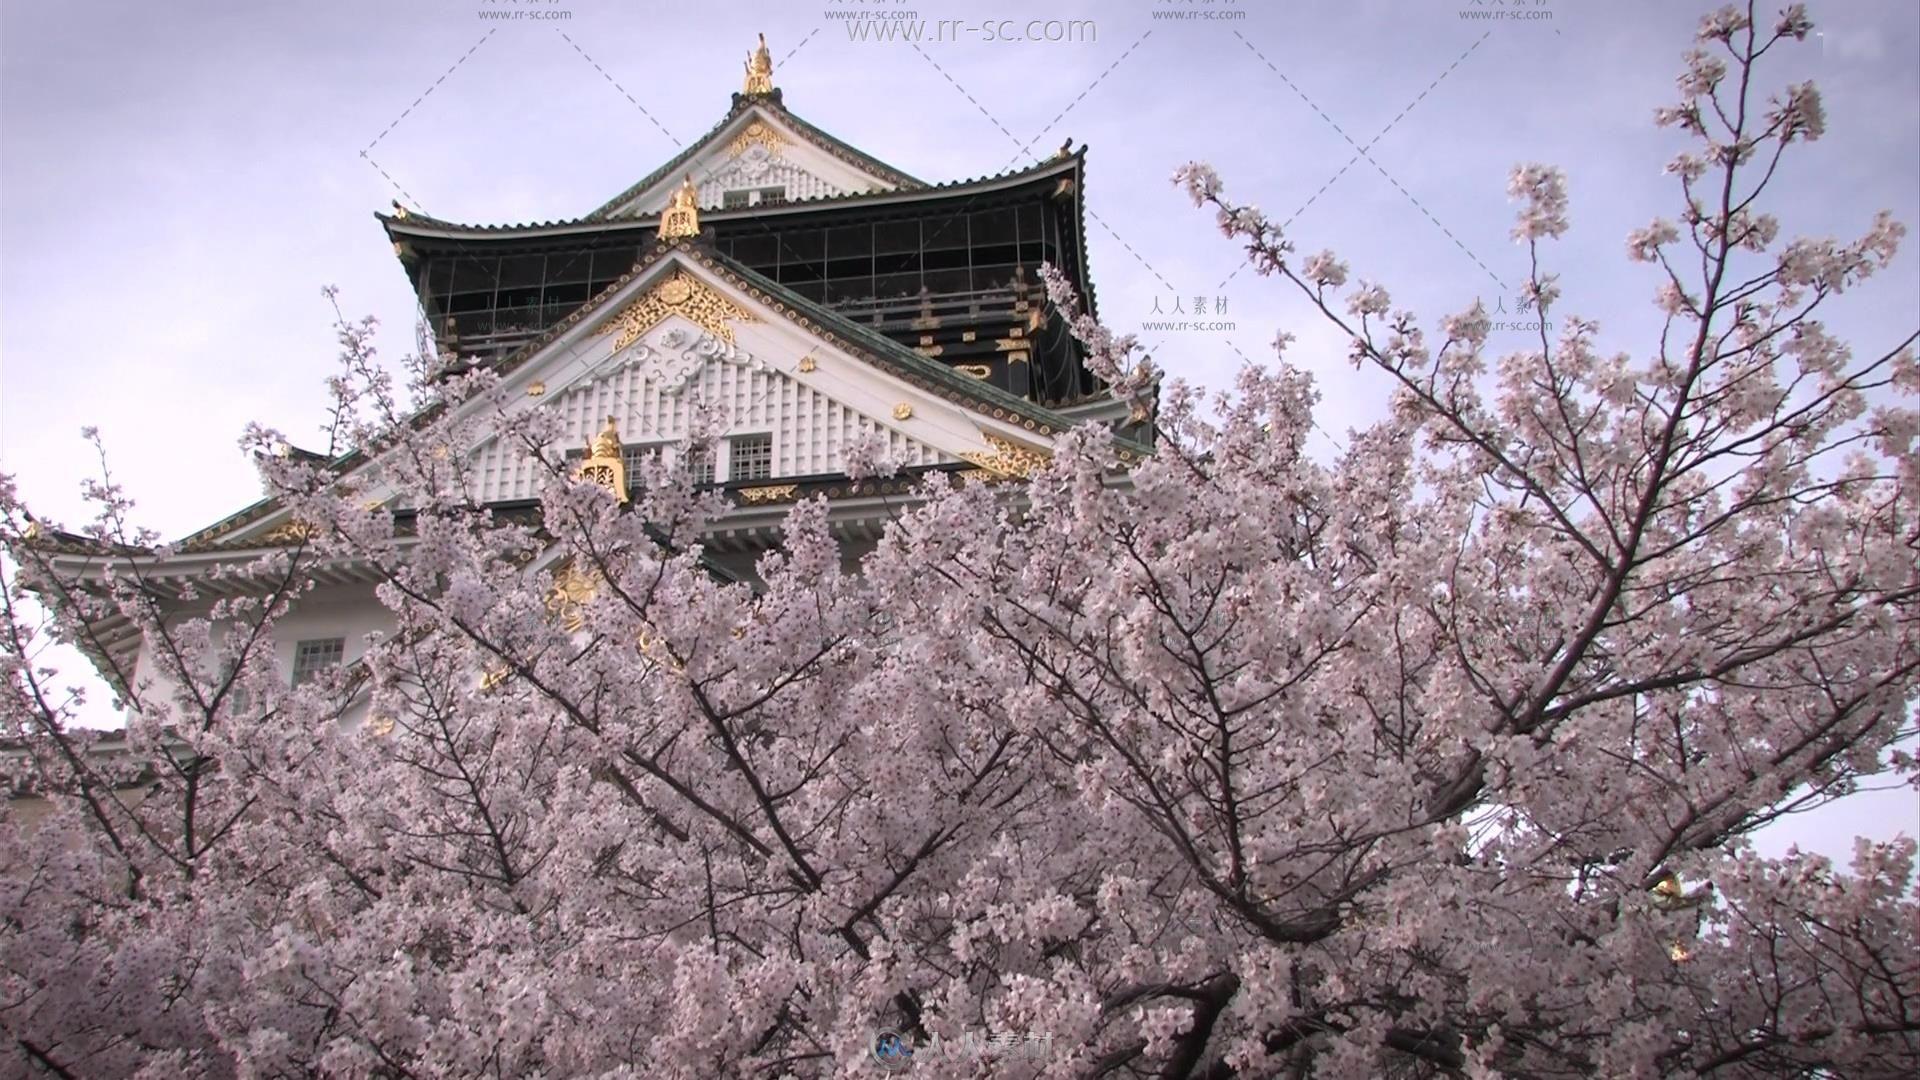 日本大阪城建筑樱花旅游景点实拍视频素材